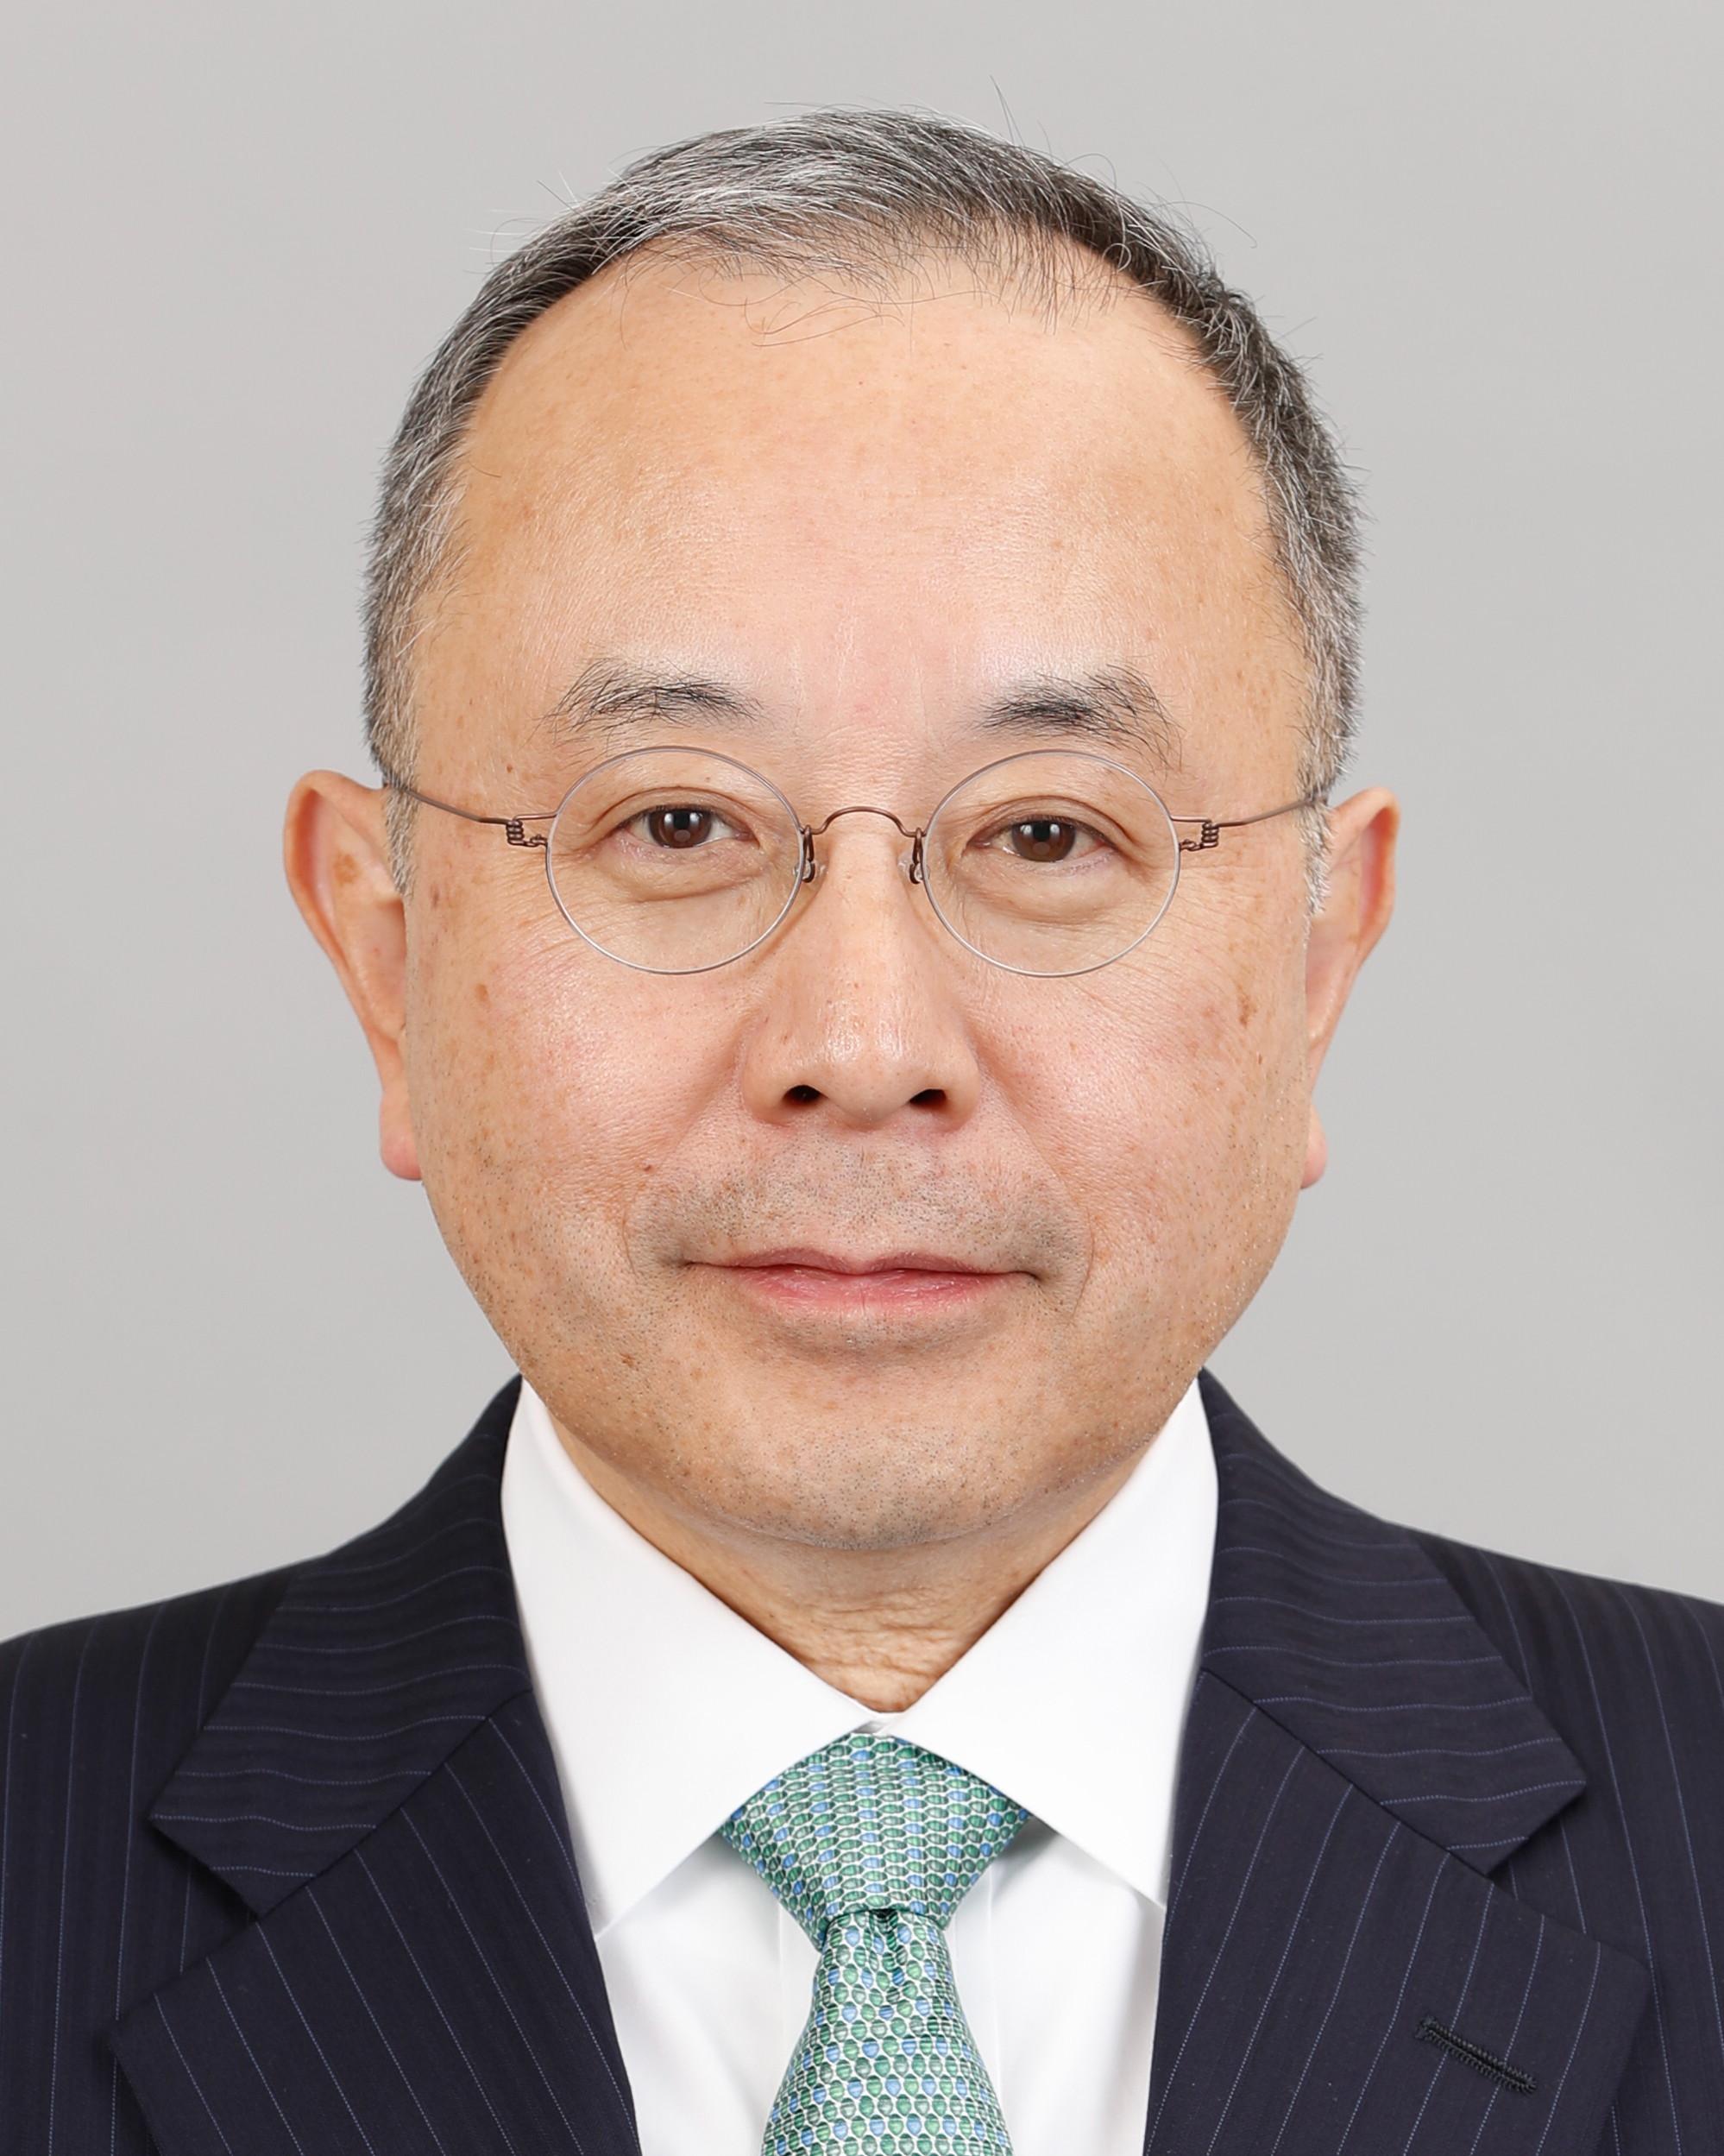 ADACHI Jun